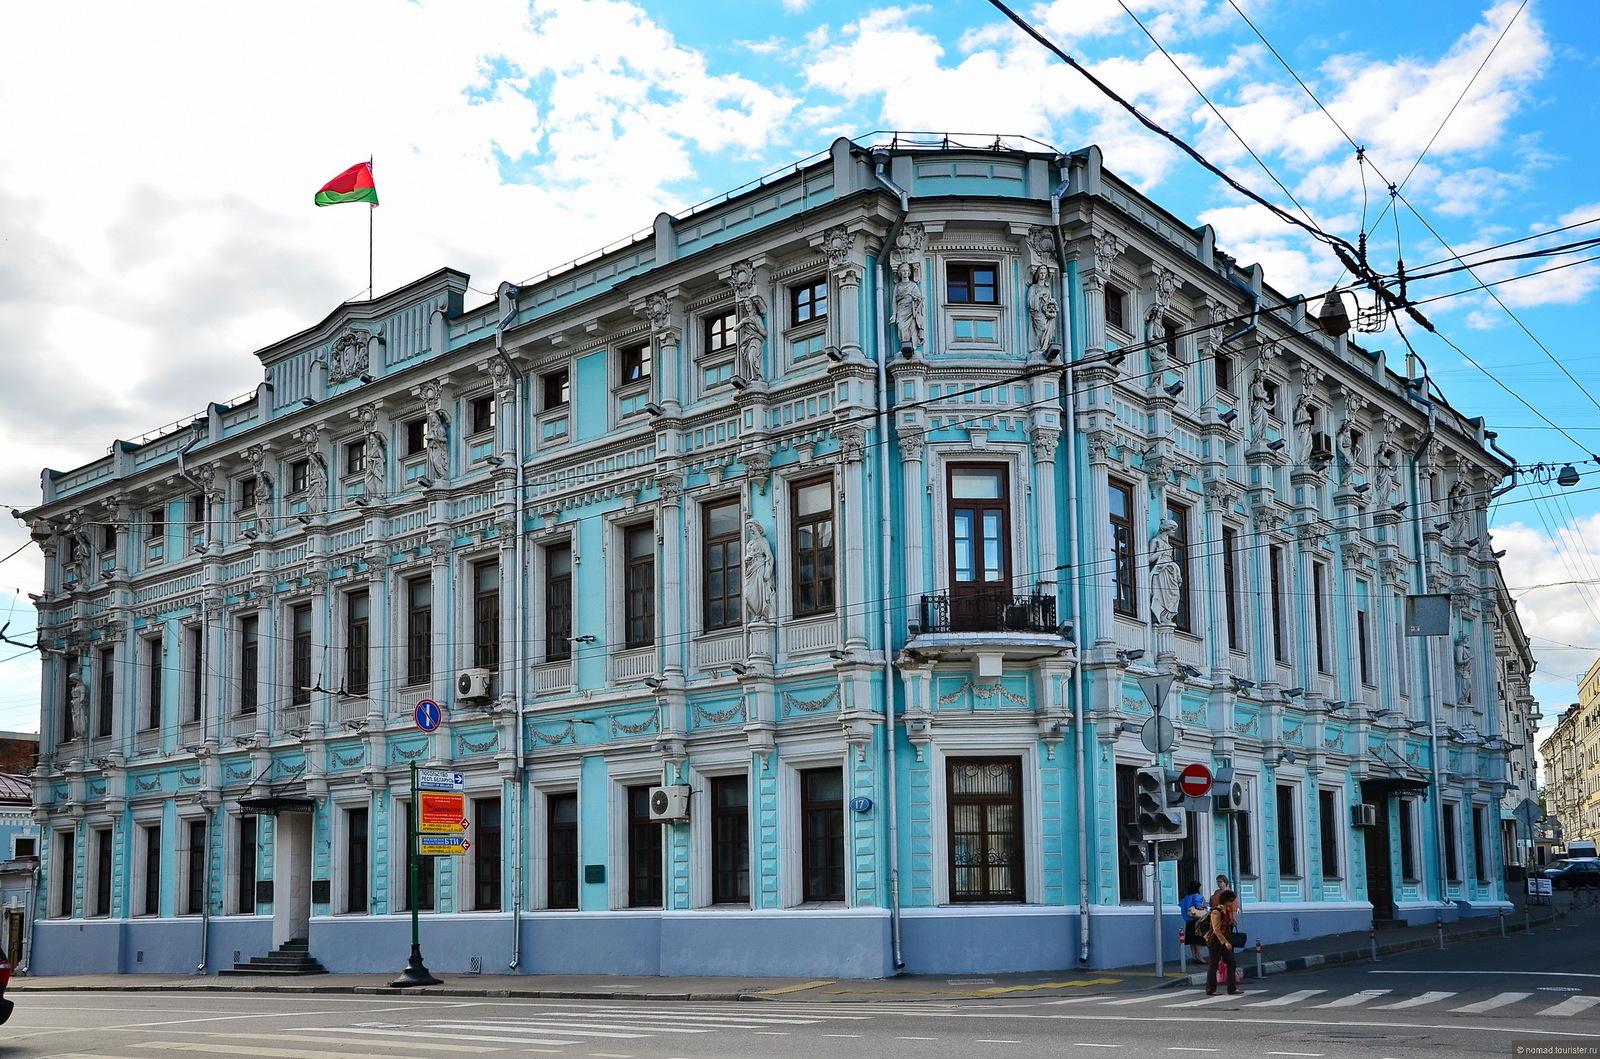 Усадьба Румянцевых (посольство Республики Беларусь) (Москва)